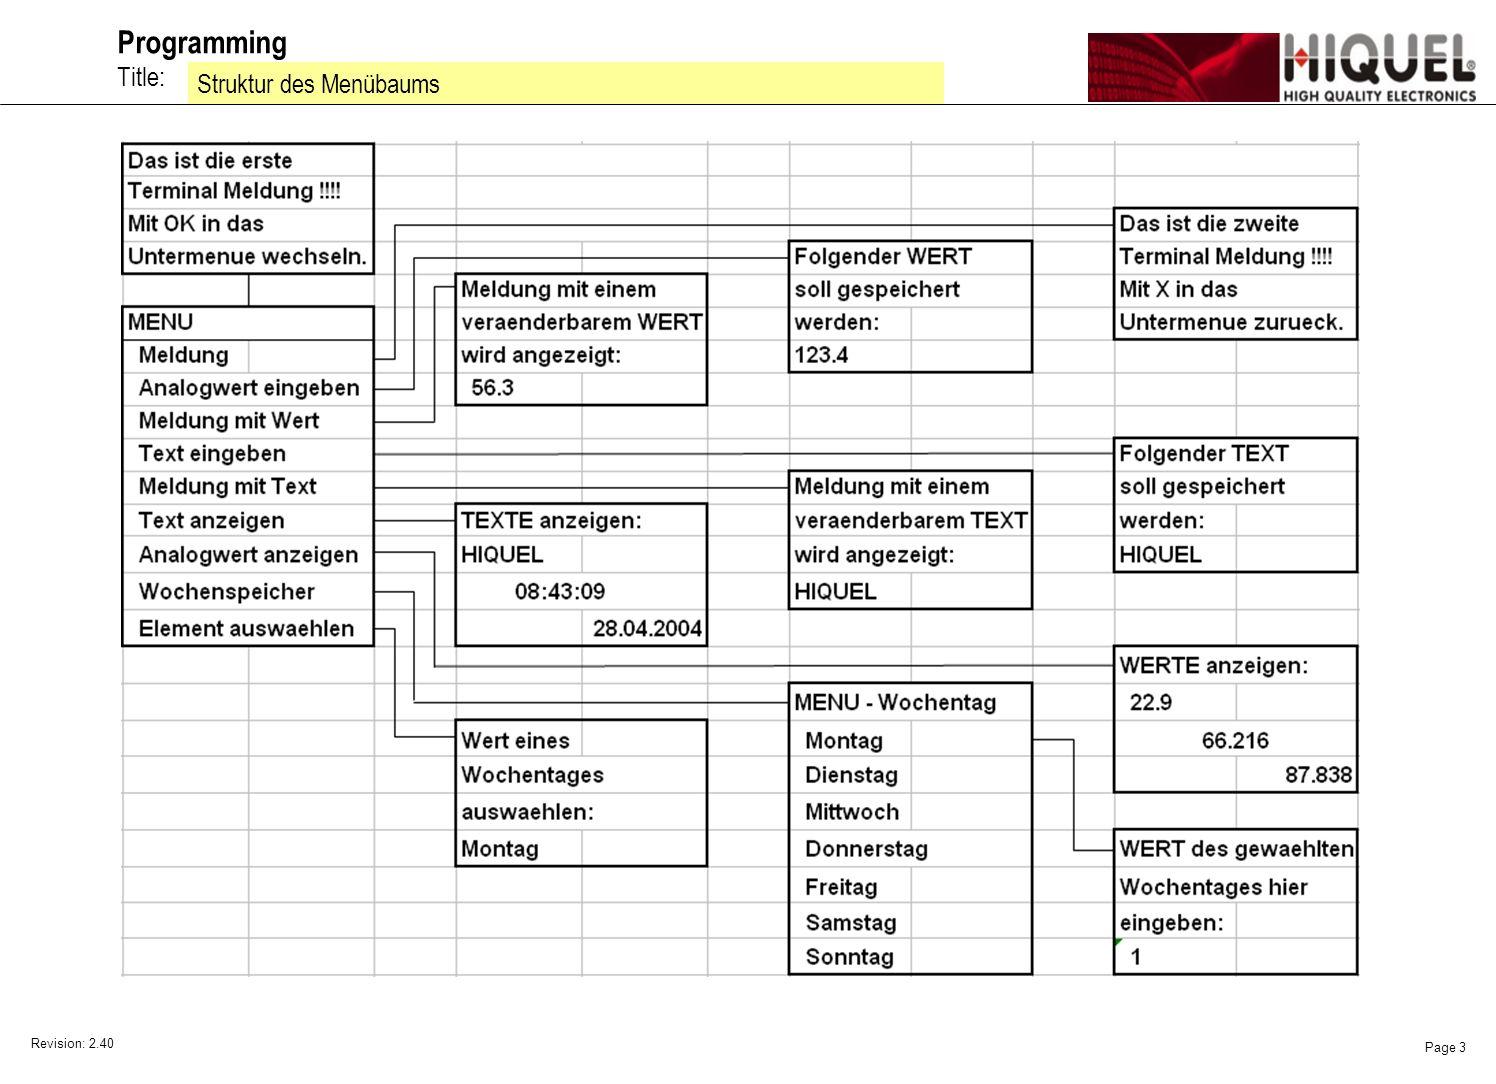 Revision: 2.40 Page 4 Title: Programming Beispielprogramm zur Terminalanwendung auswählen Willkommen zur Beispielsammlung für den SLS-500 Master Controller Jedes Beispiel umfasst eine Seite.